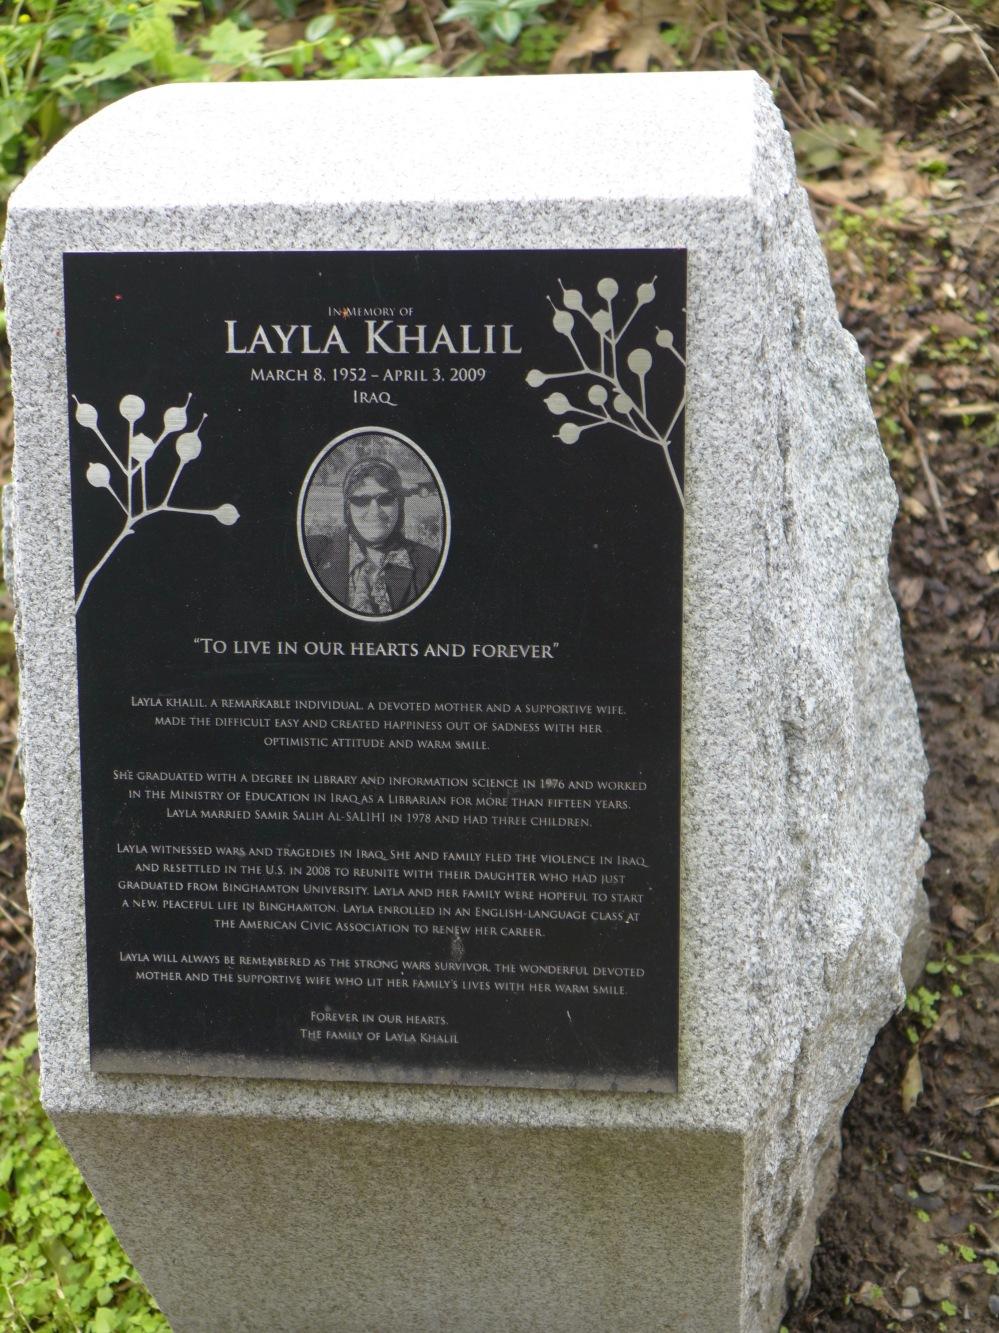 Memorial stone: Layla Khalil / Iraq